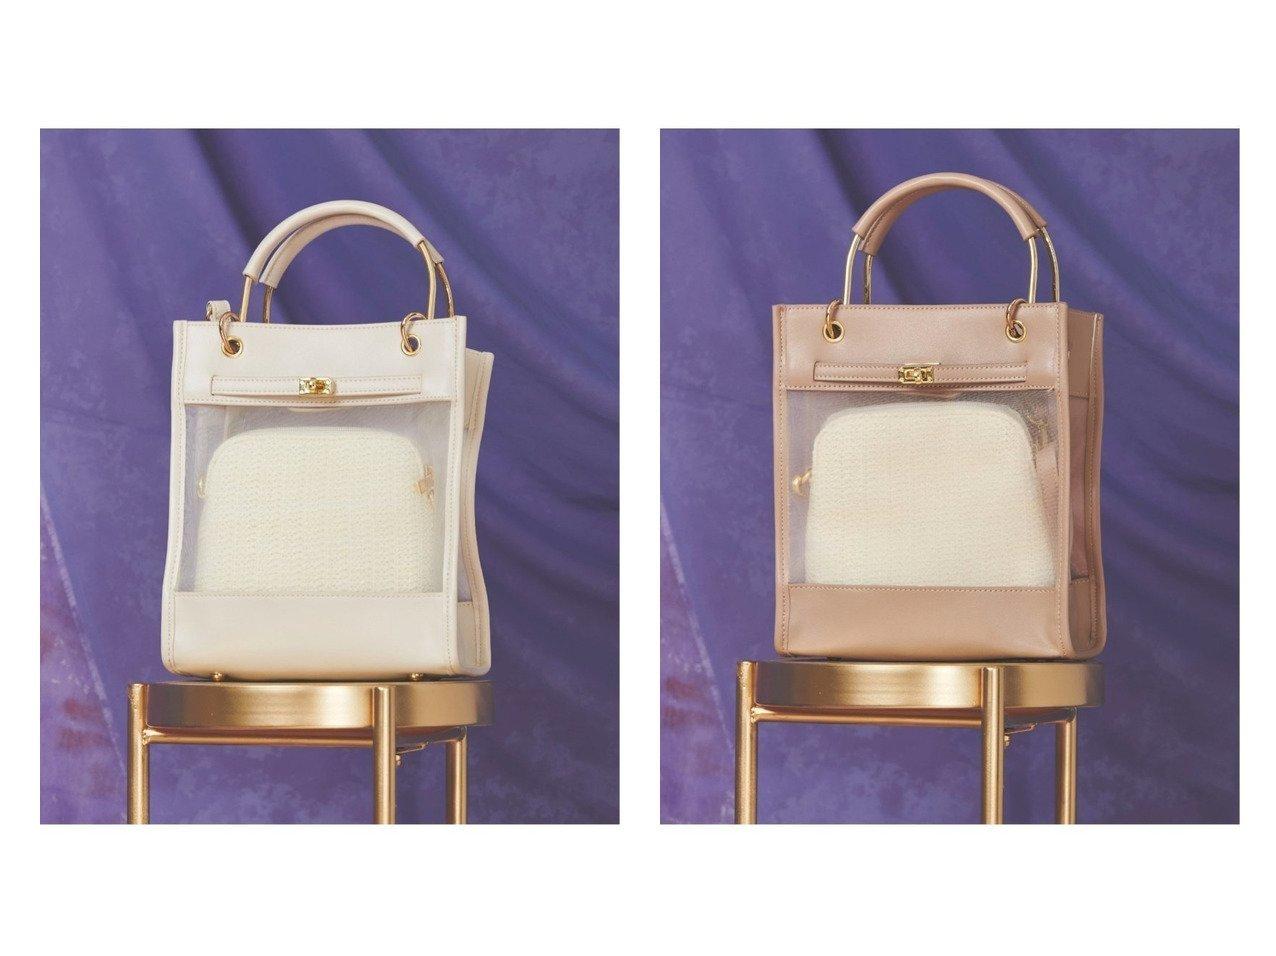 【Noela/ノエラ】のシアーコンビ2WAYバック バッグ・鞄のおすすめ!人気、トレンド・レディースファッションの通販 おすすめで人気の流行・トレンド、ファッションの通販商品 メンズファッション・キッズファッション・インテリア・家具・レディースファッション・服の通販 founy(ファニー) https://founy.com/ ファッション Fashion レディースファッション WOMEN バッグ Bag NEW・新作・新着・新入荷 New Arrivals シアー ハンドバッグ ポーチ |ID:crp329100000015365